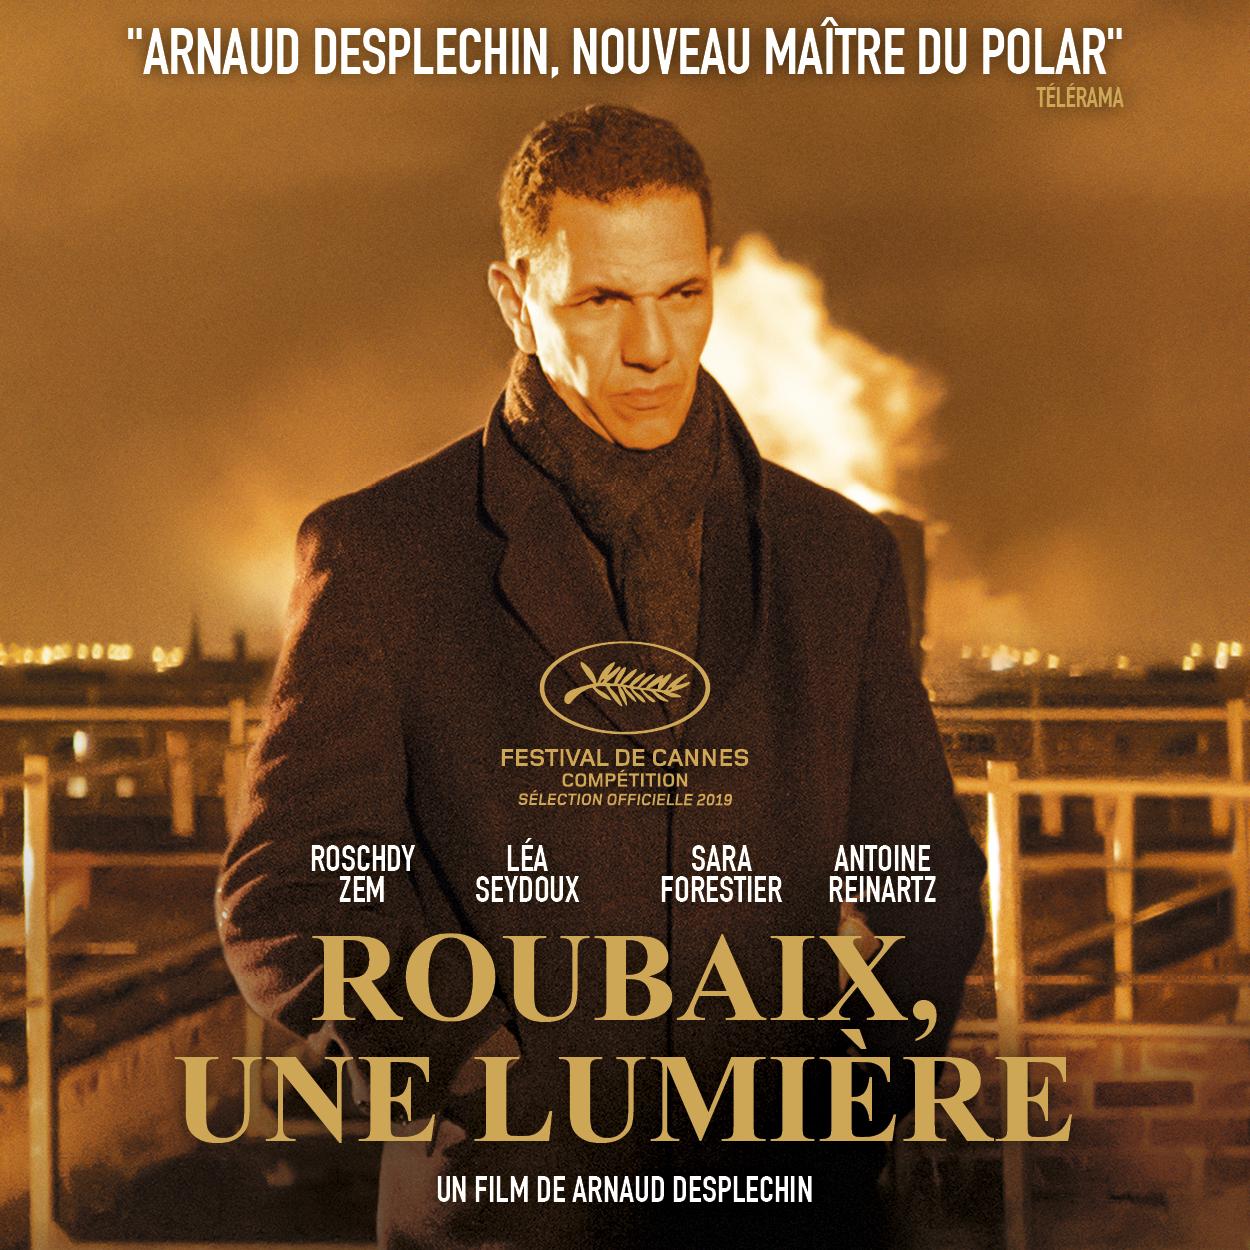 Roubaix, une lumière, polar social bien sombre et longuet, au casting bluffant (2/5)